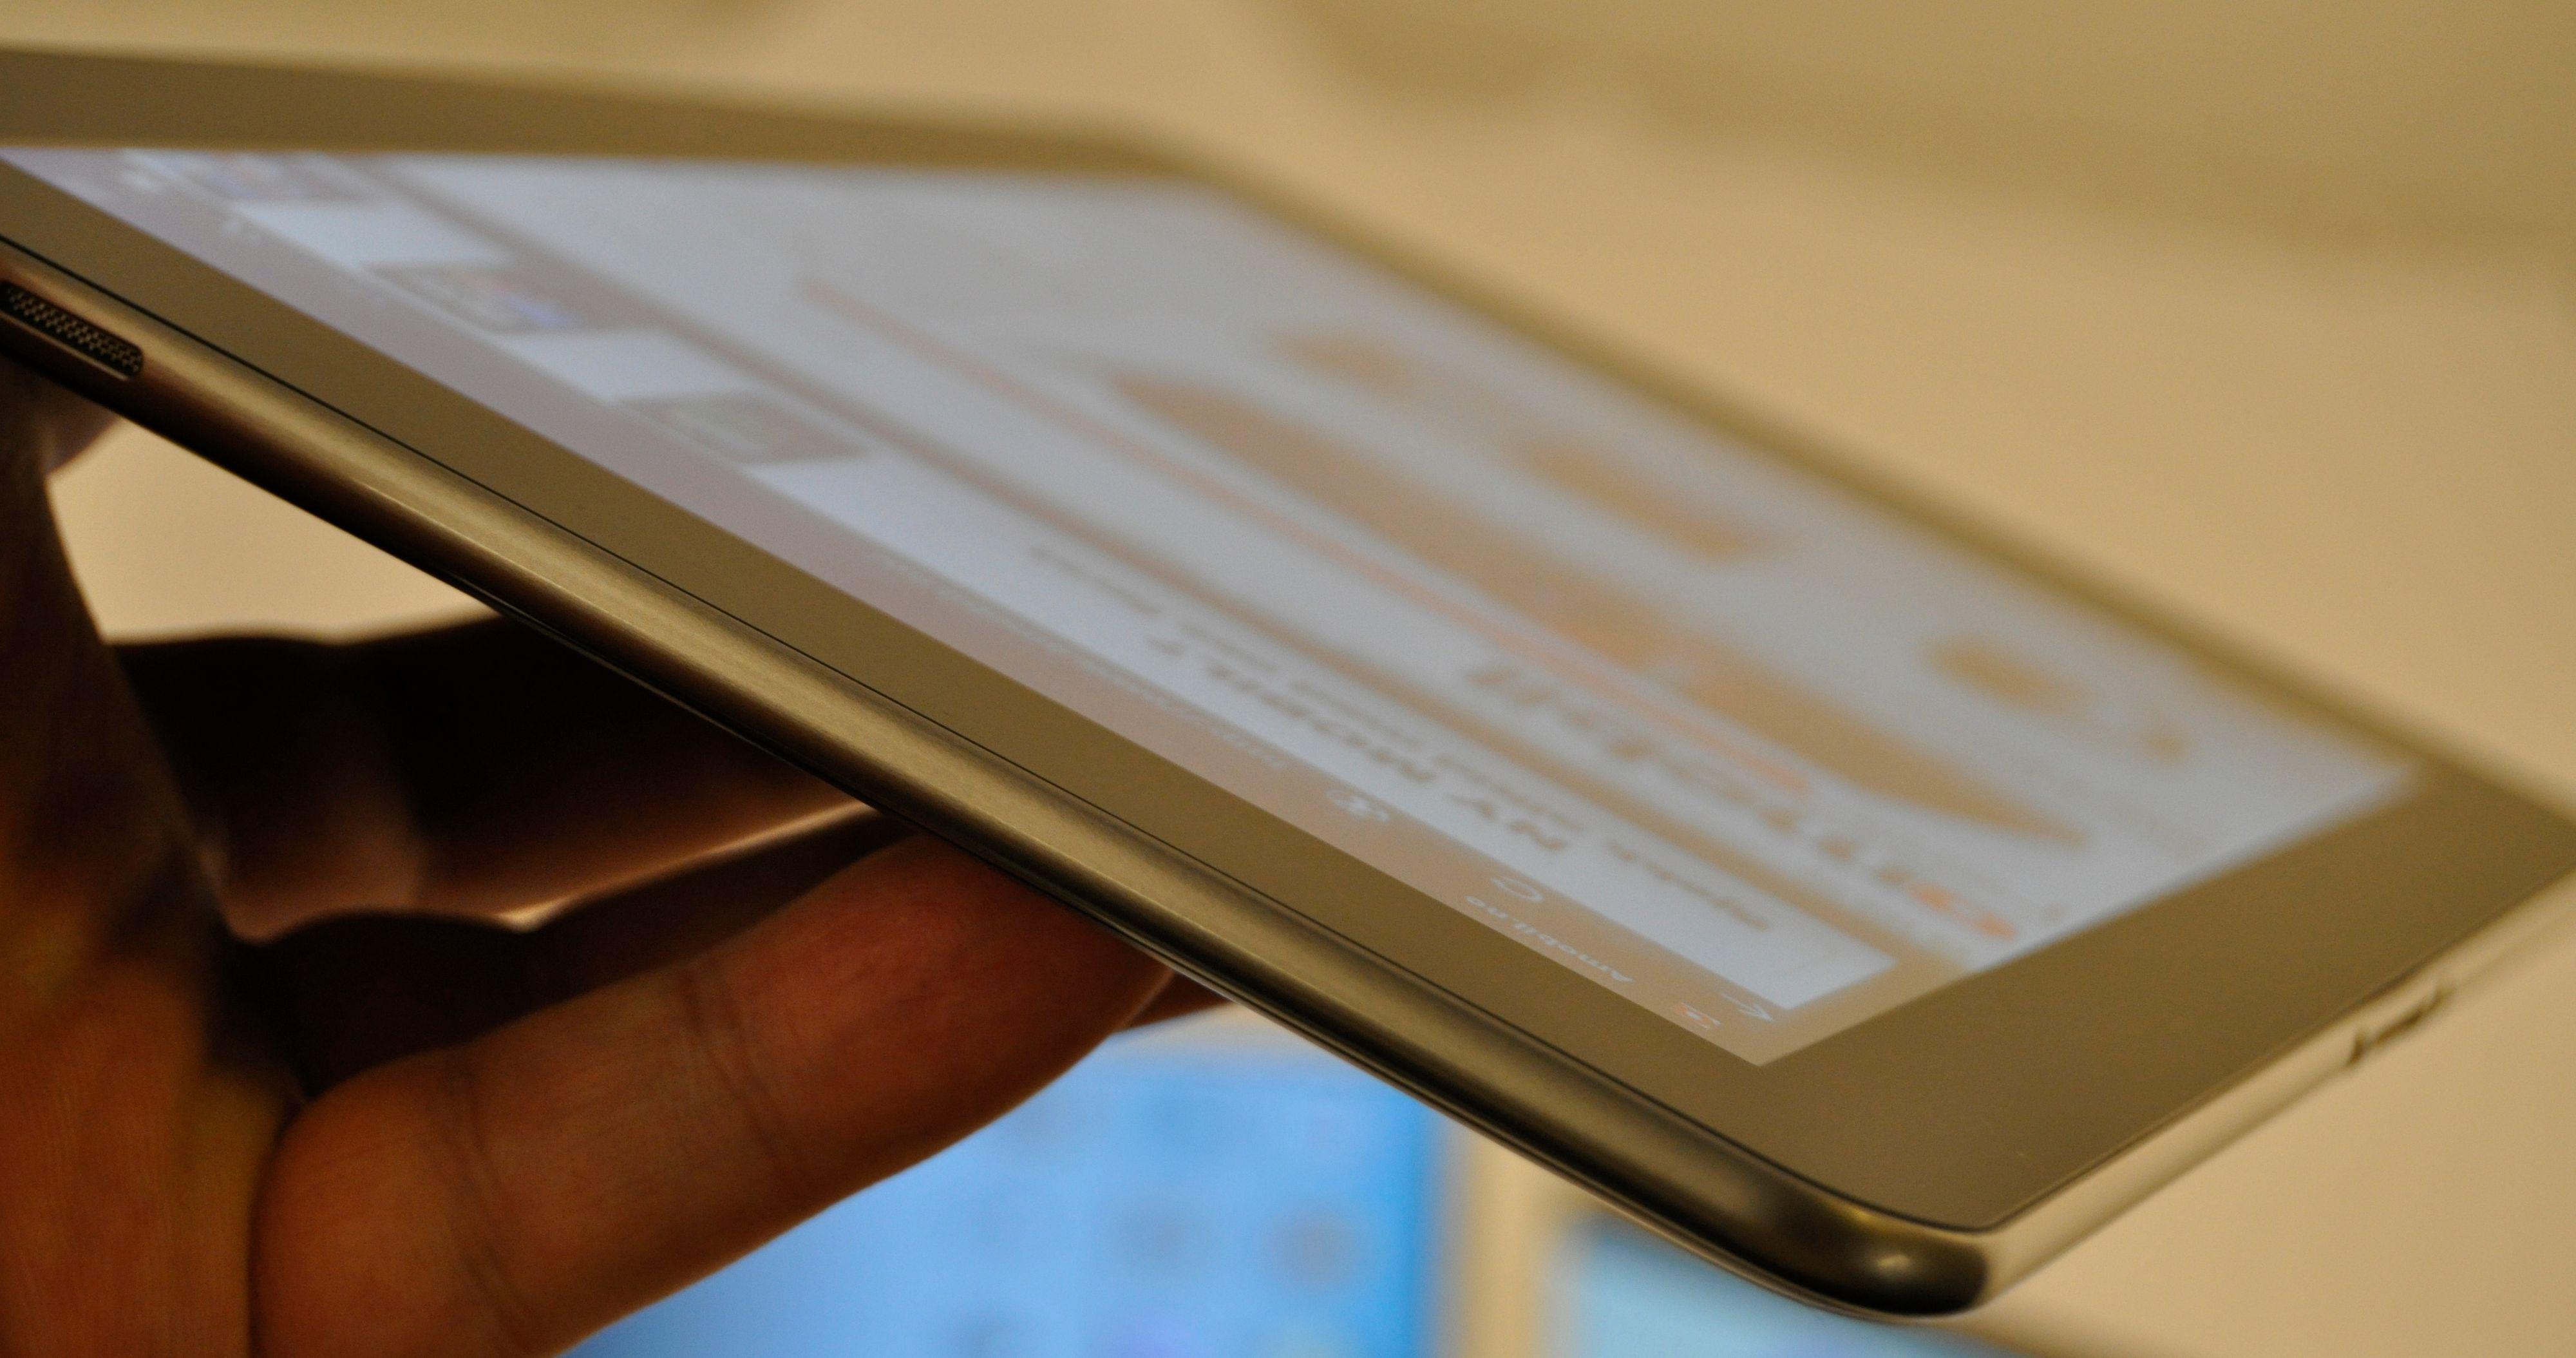 Galaxy Tab 10.1 er det tynneste nettbrettet på markedet når det kommer i juni.